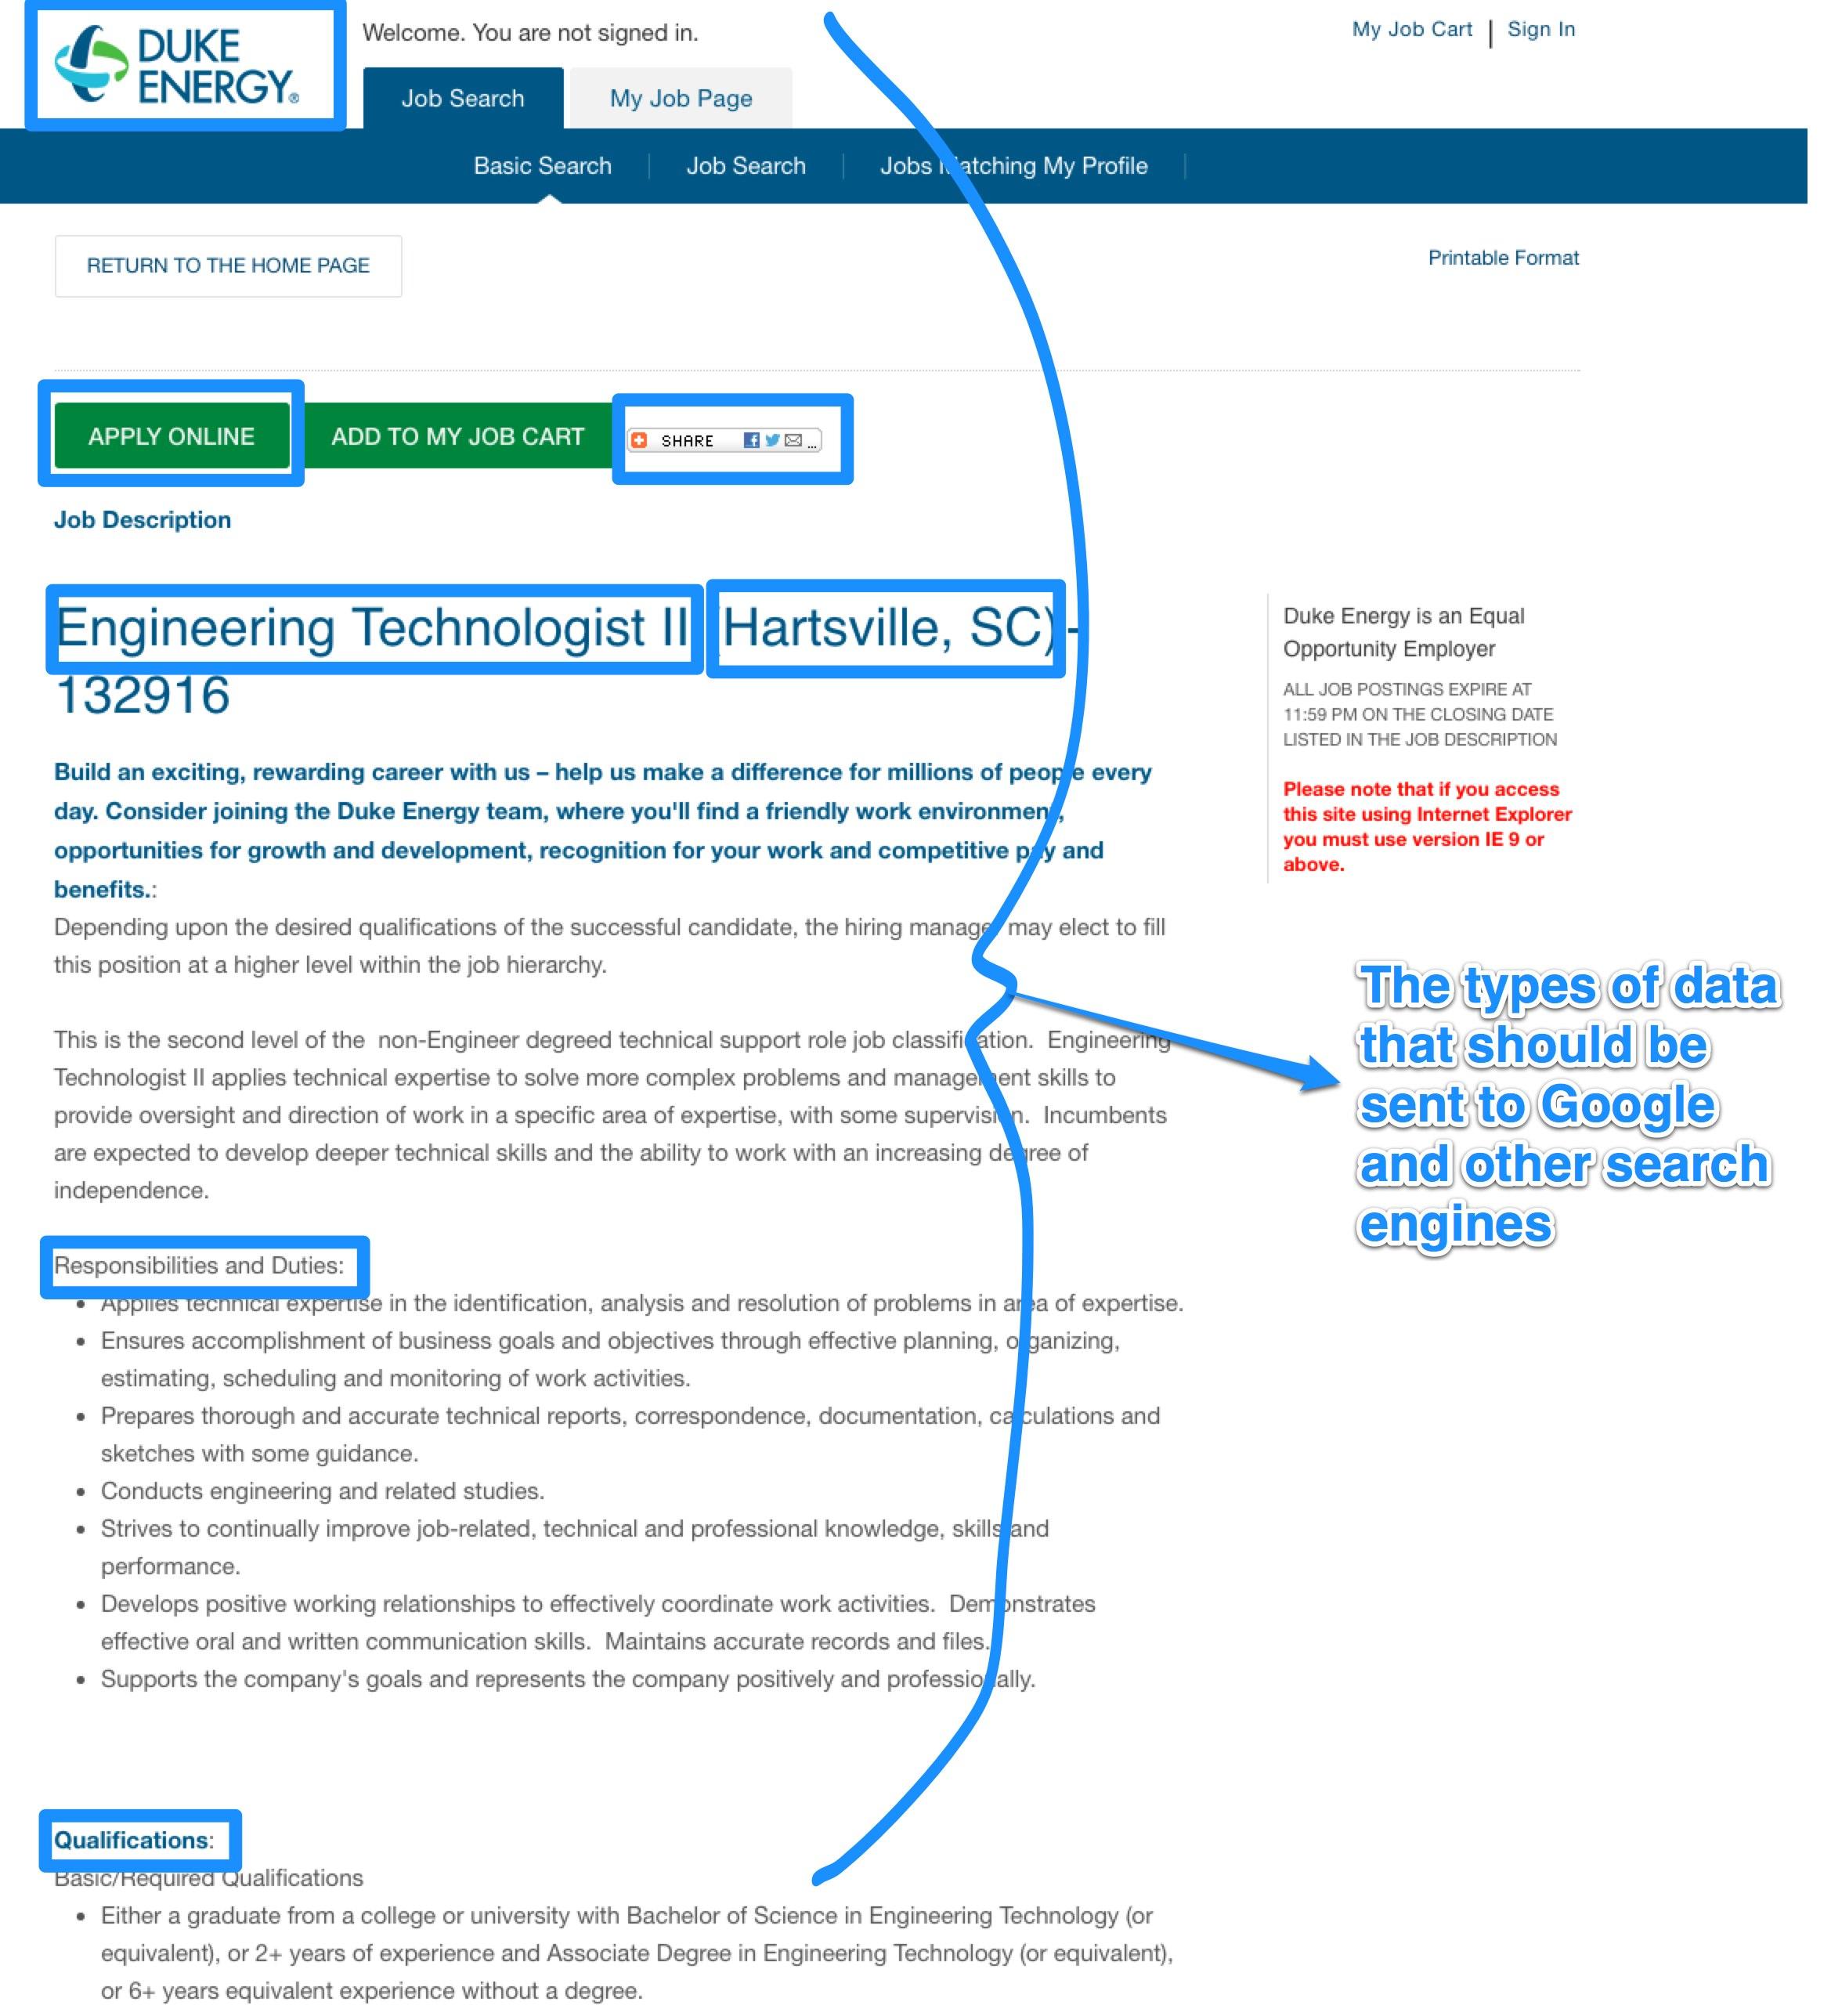 Schema.org for job descriptions examples of properties SEO